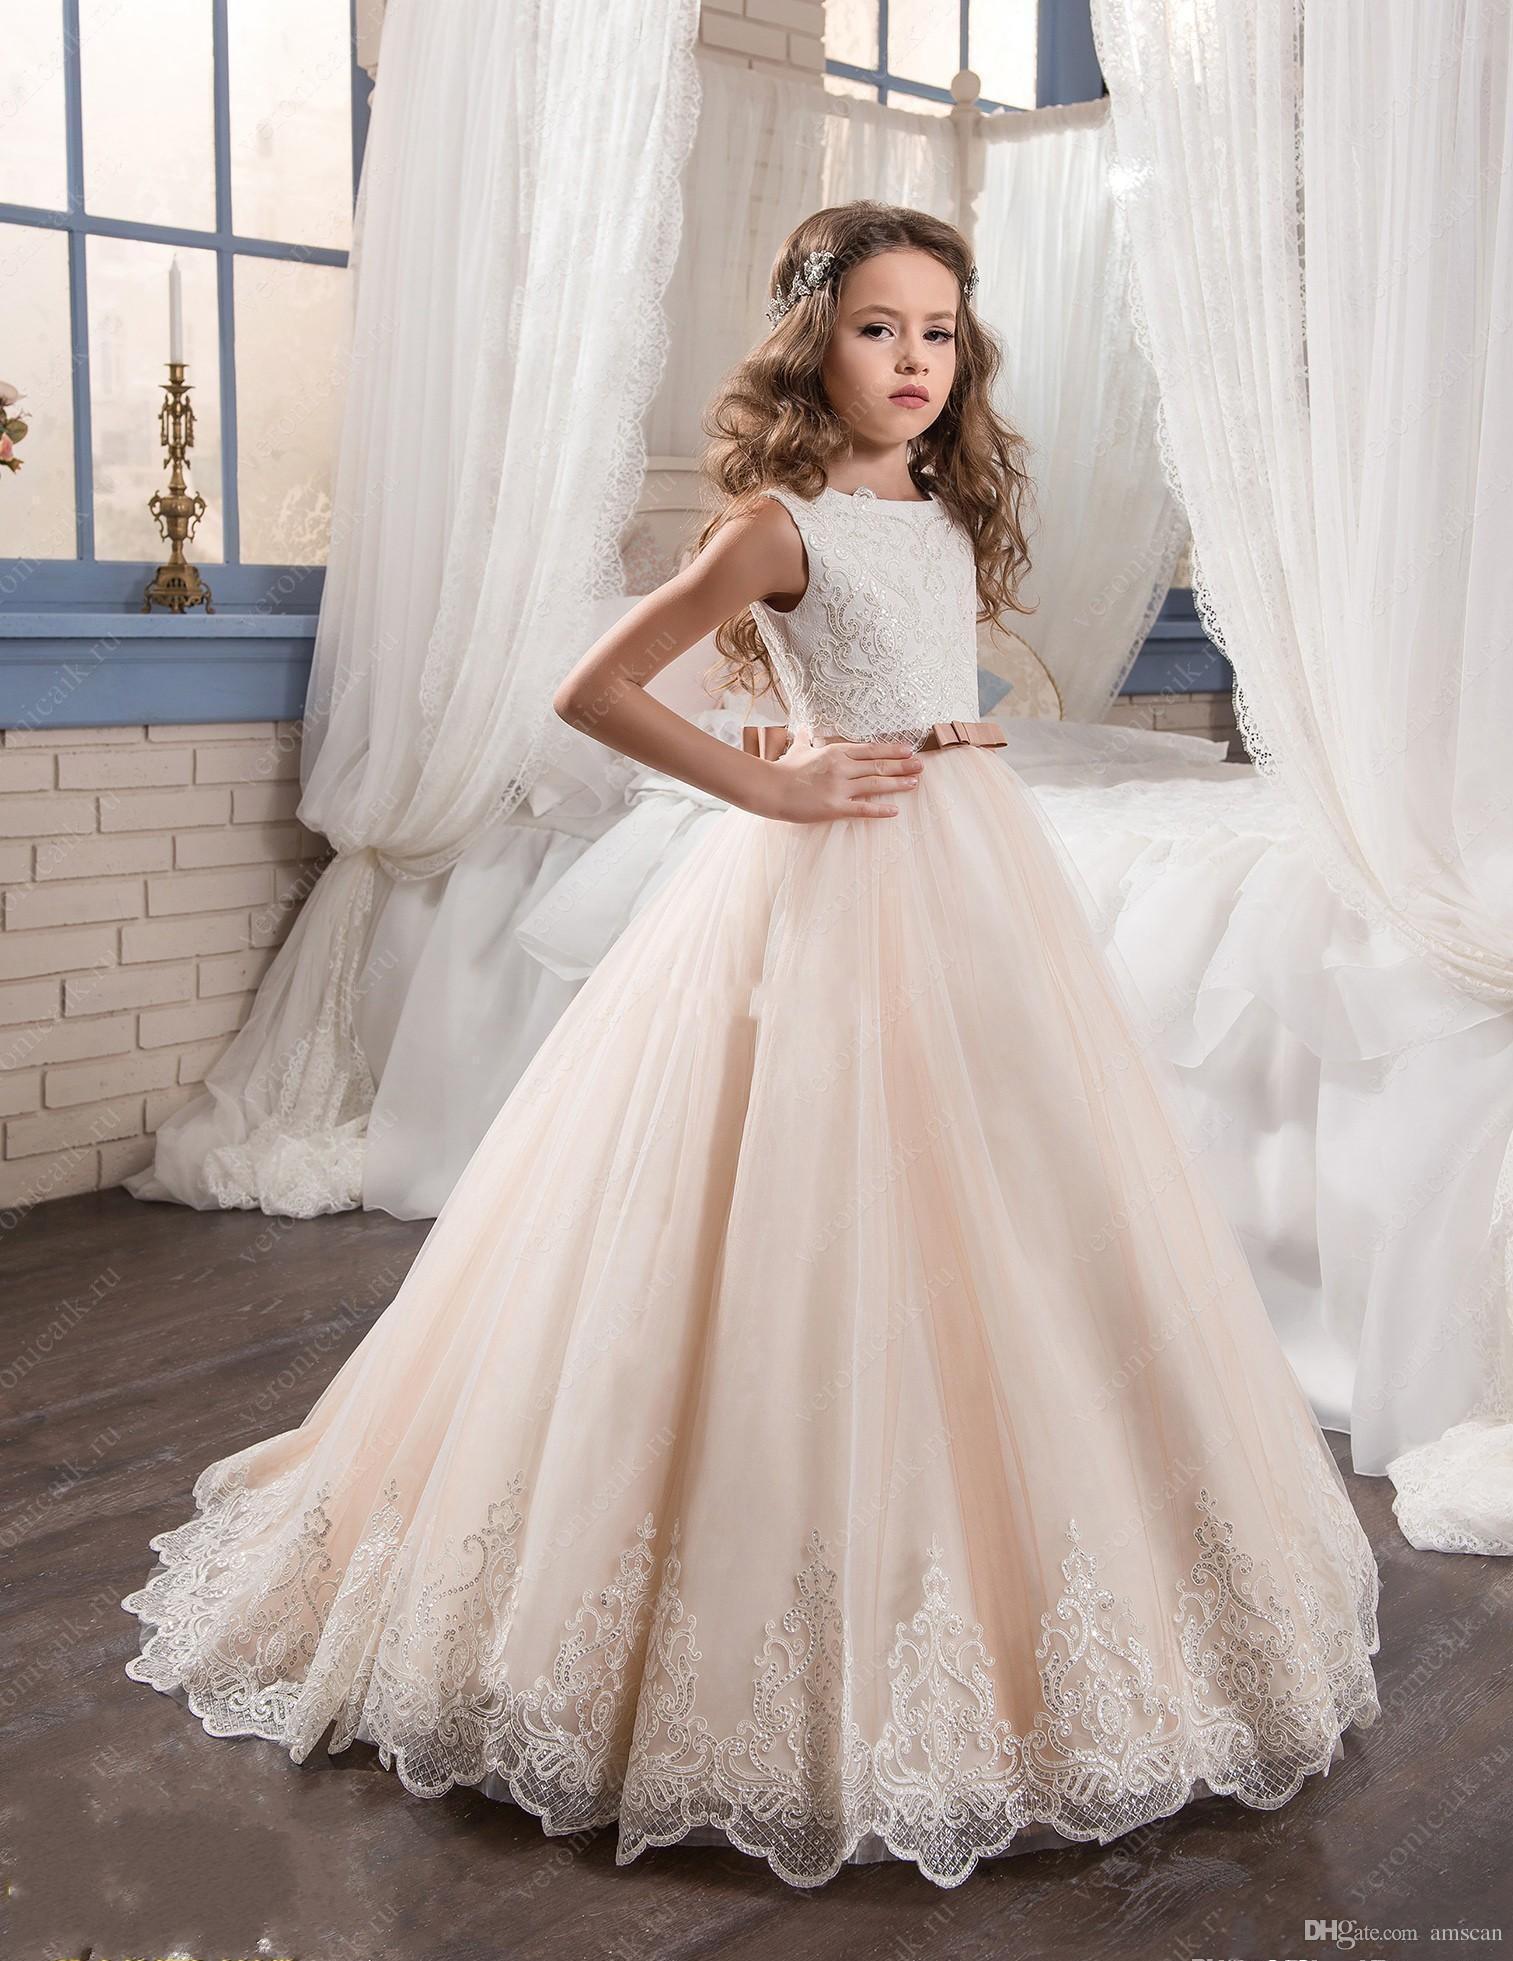 Großhandel 14 Vintage Blumenmädchen Kleider Für Hochzeiten